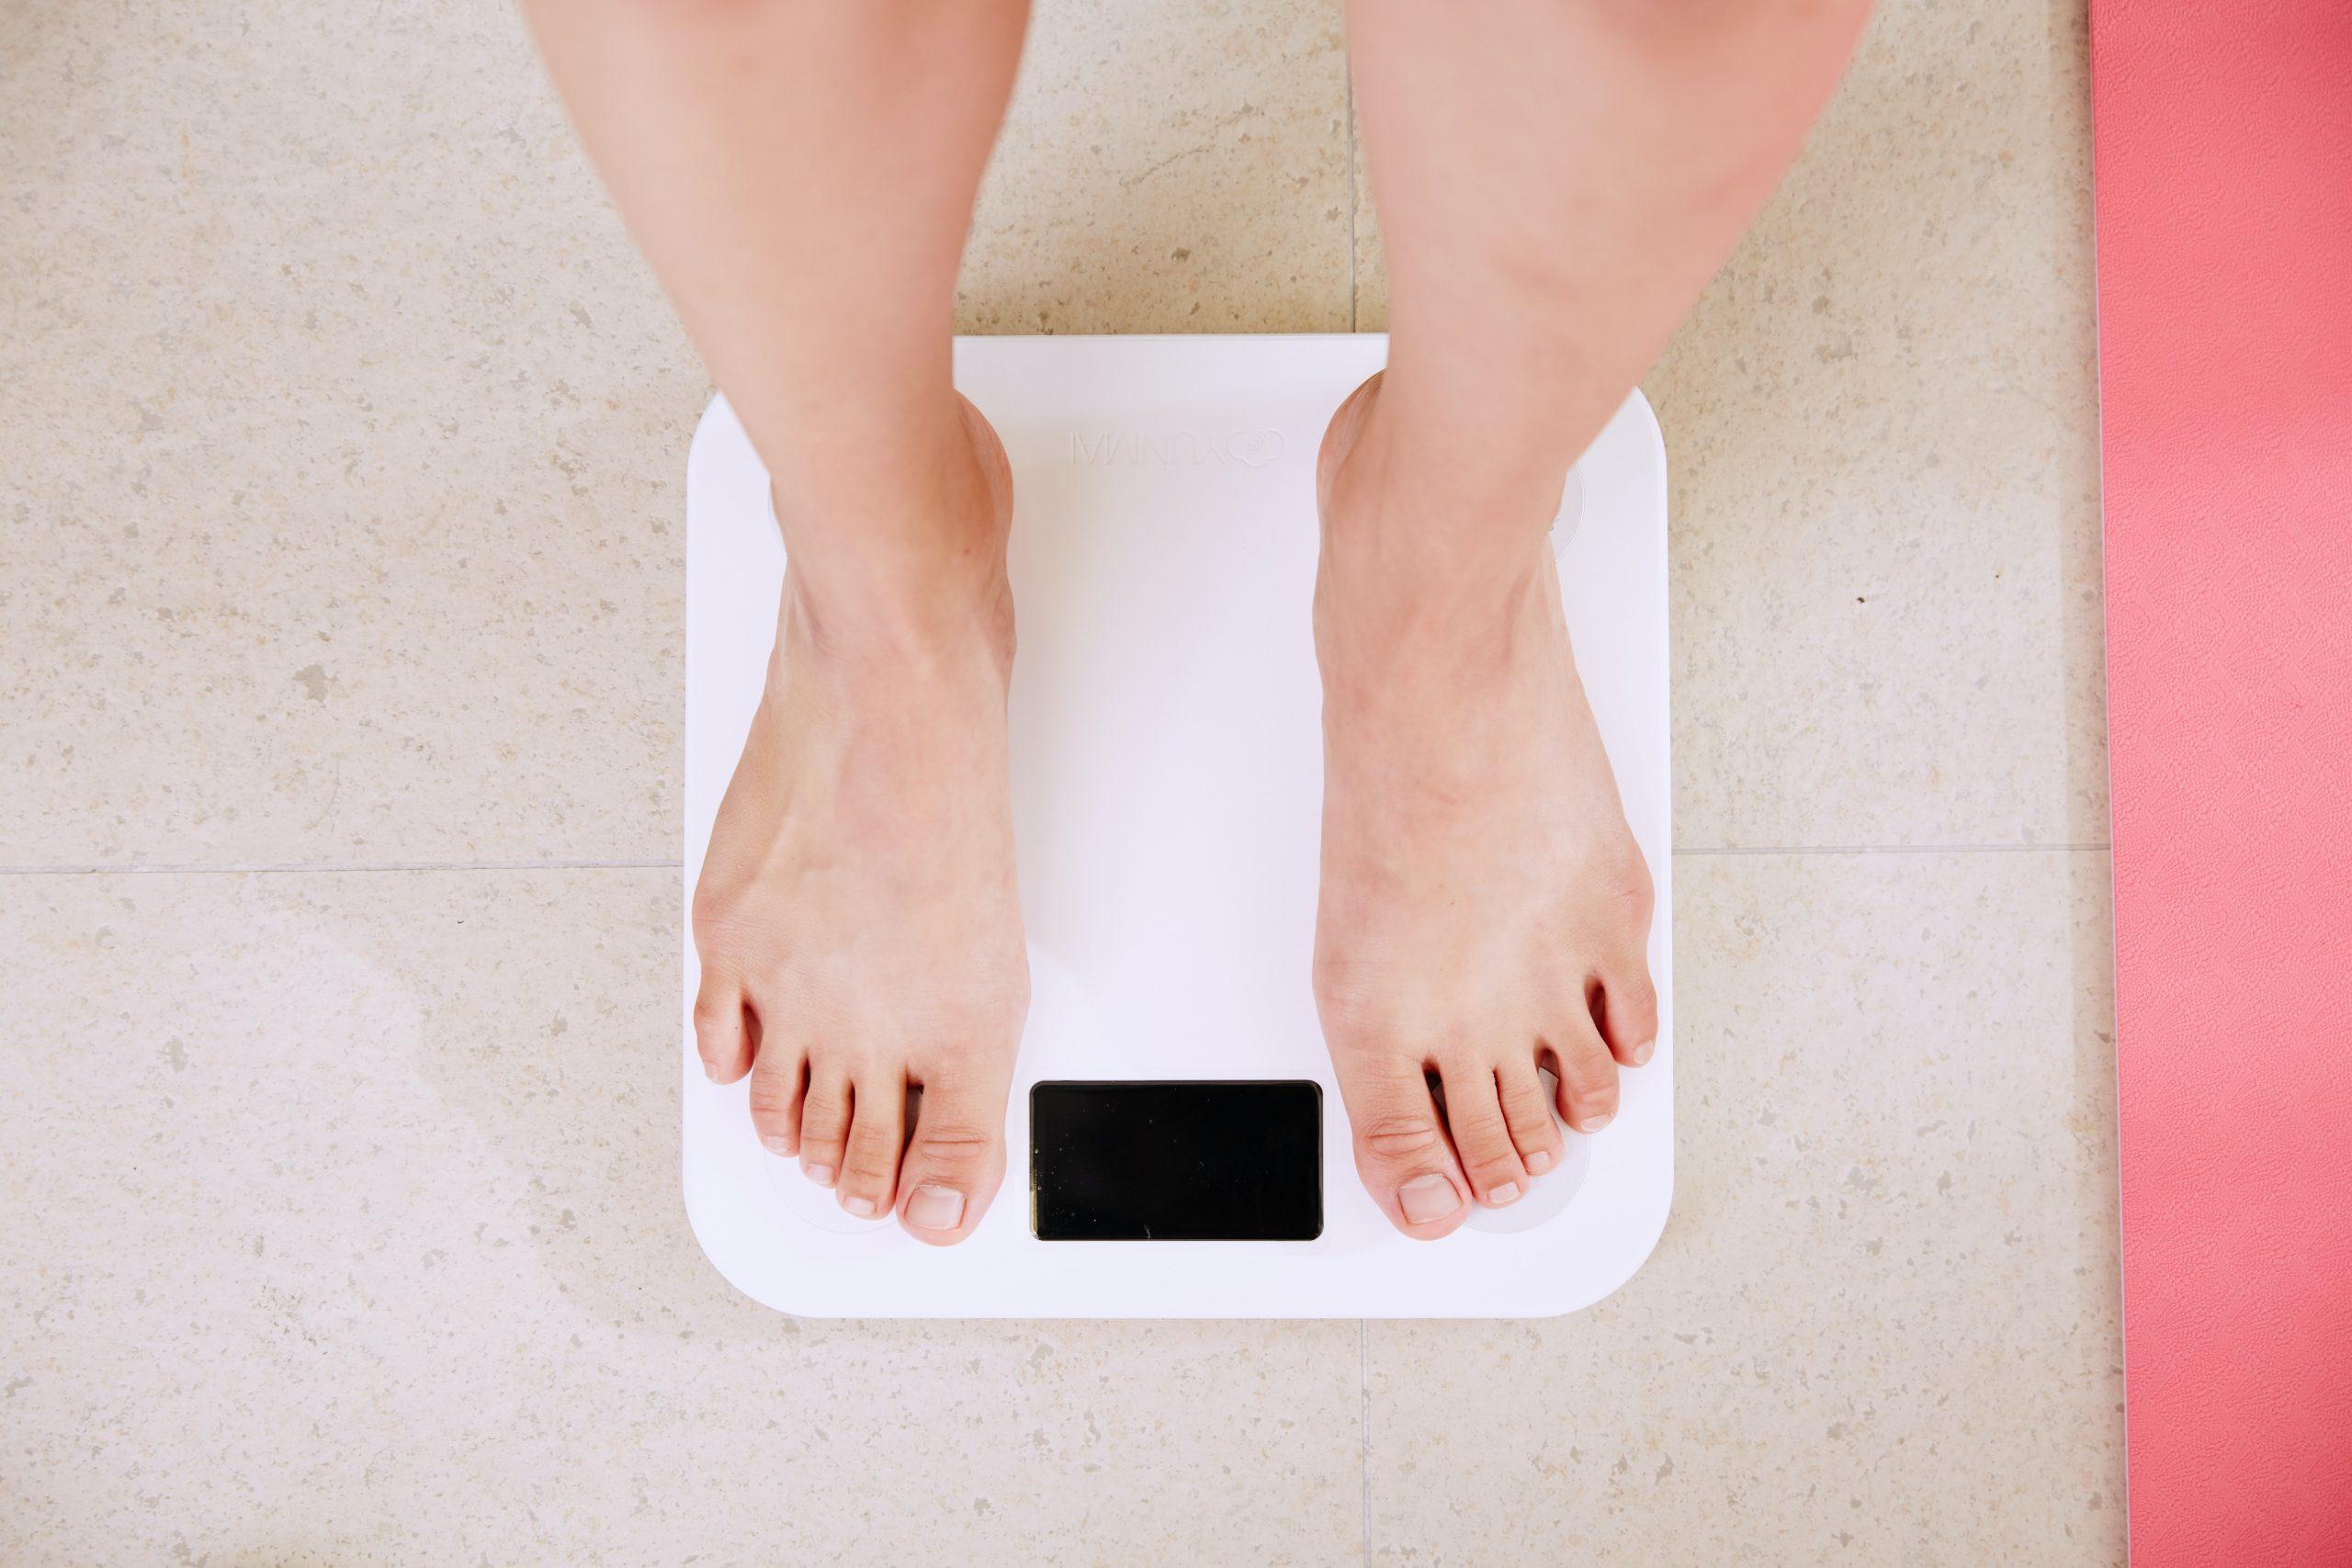 bascula de peso